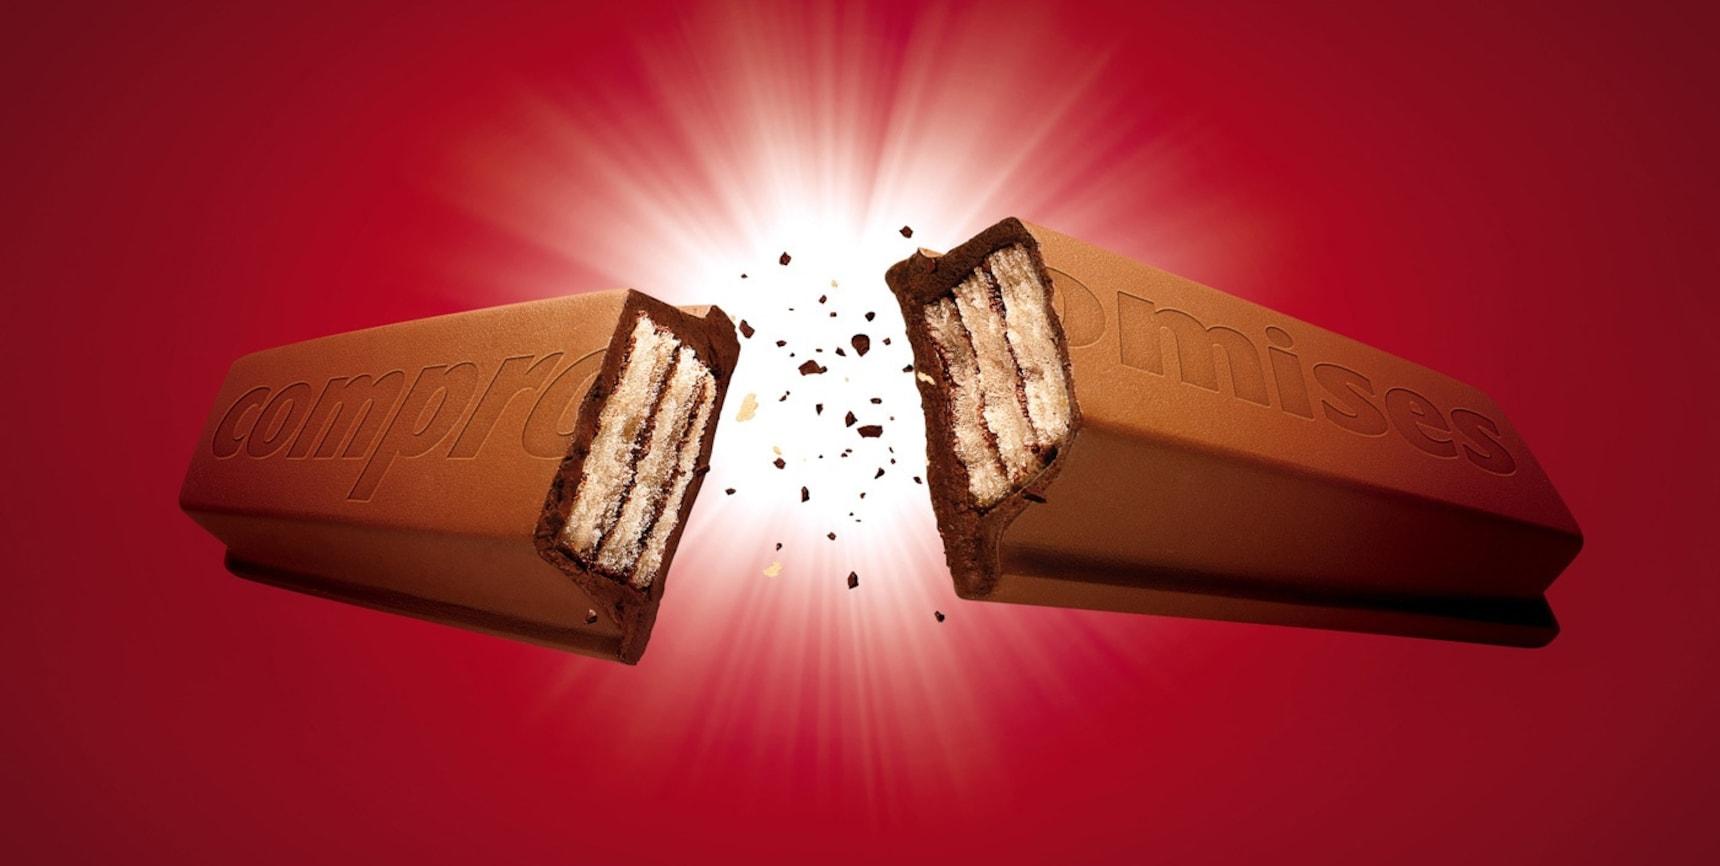 我不是针对你,我是说,你们一定没有吃过这些口味的KitKat!